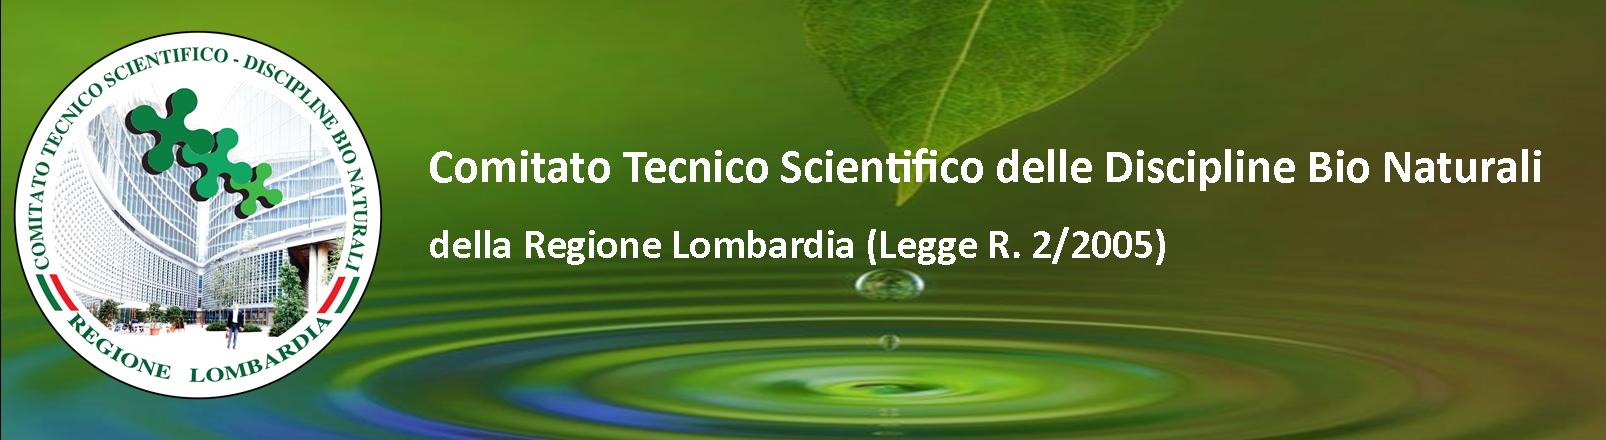 Comitato Tecnico Scientifico Discipline Bio Naturali  della Regione Lombardia